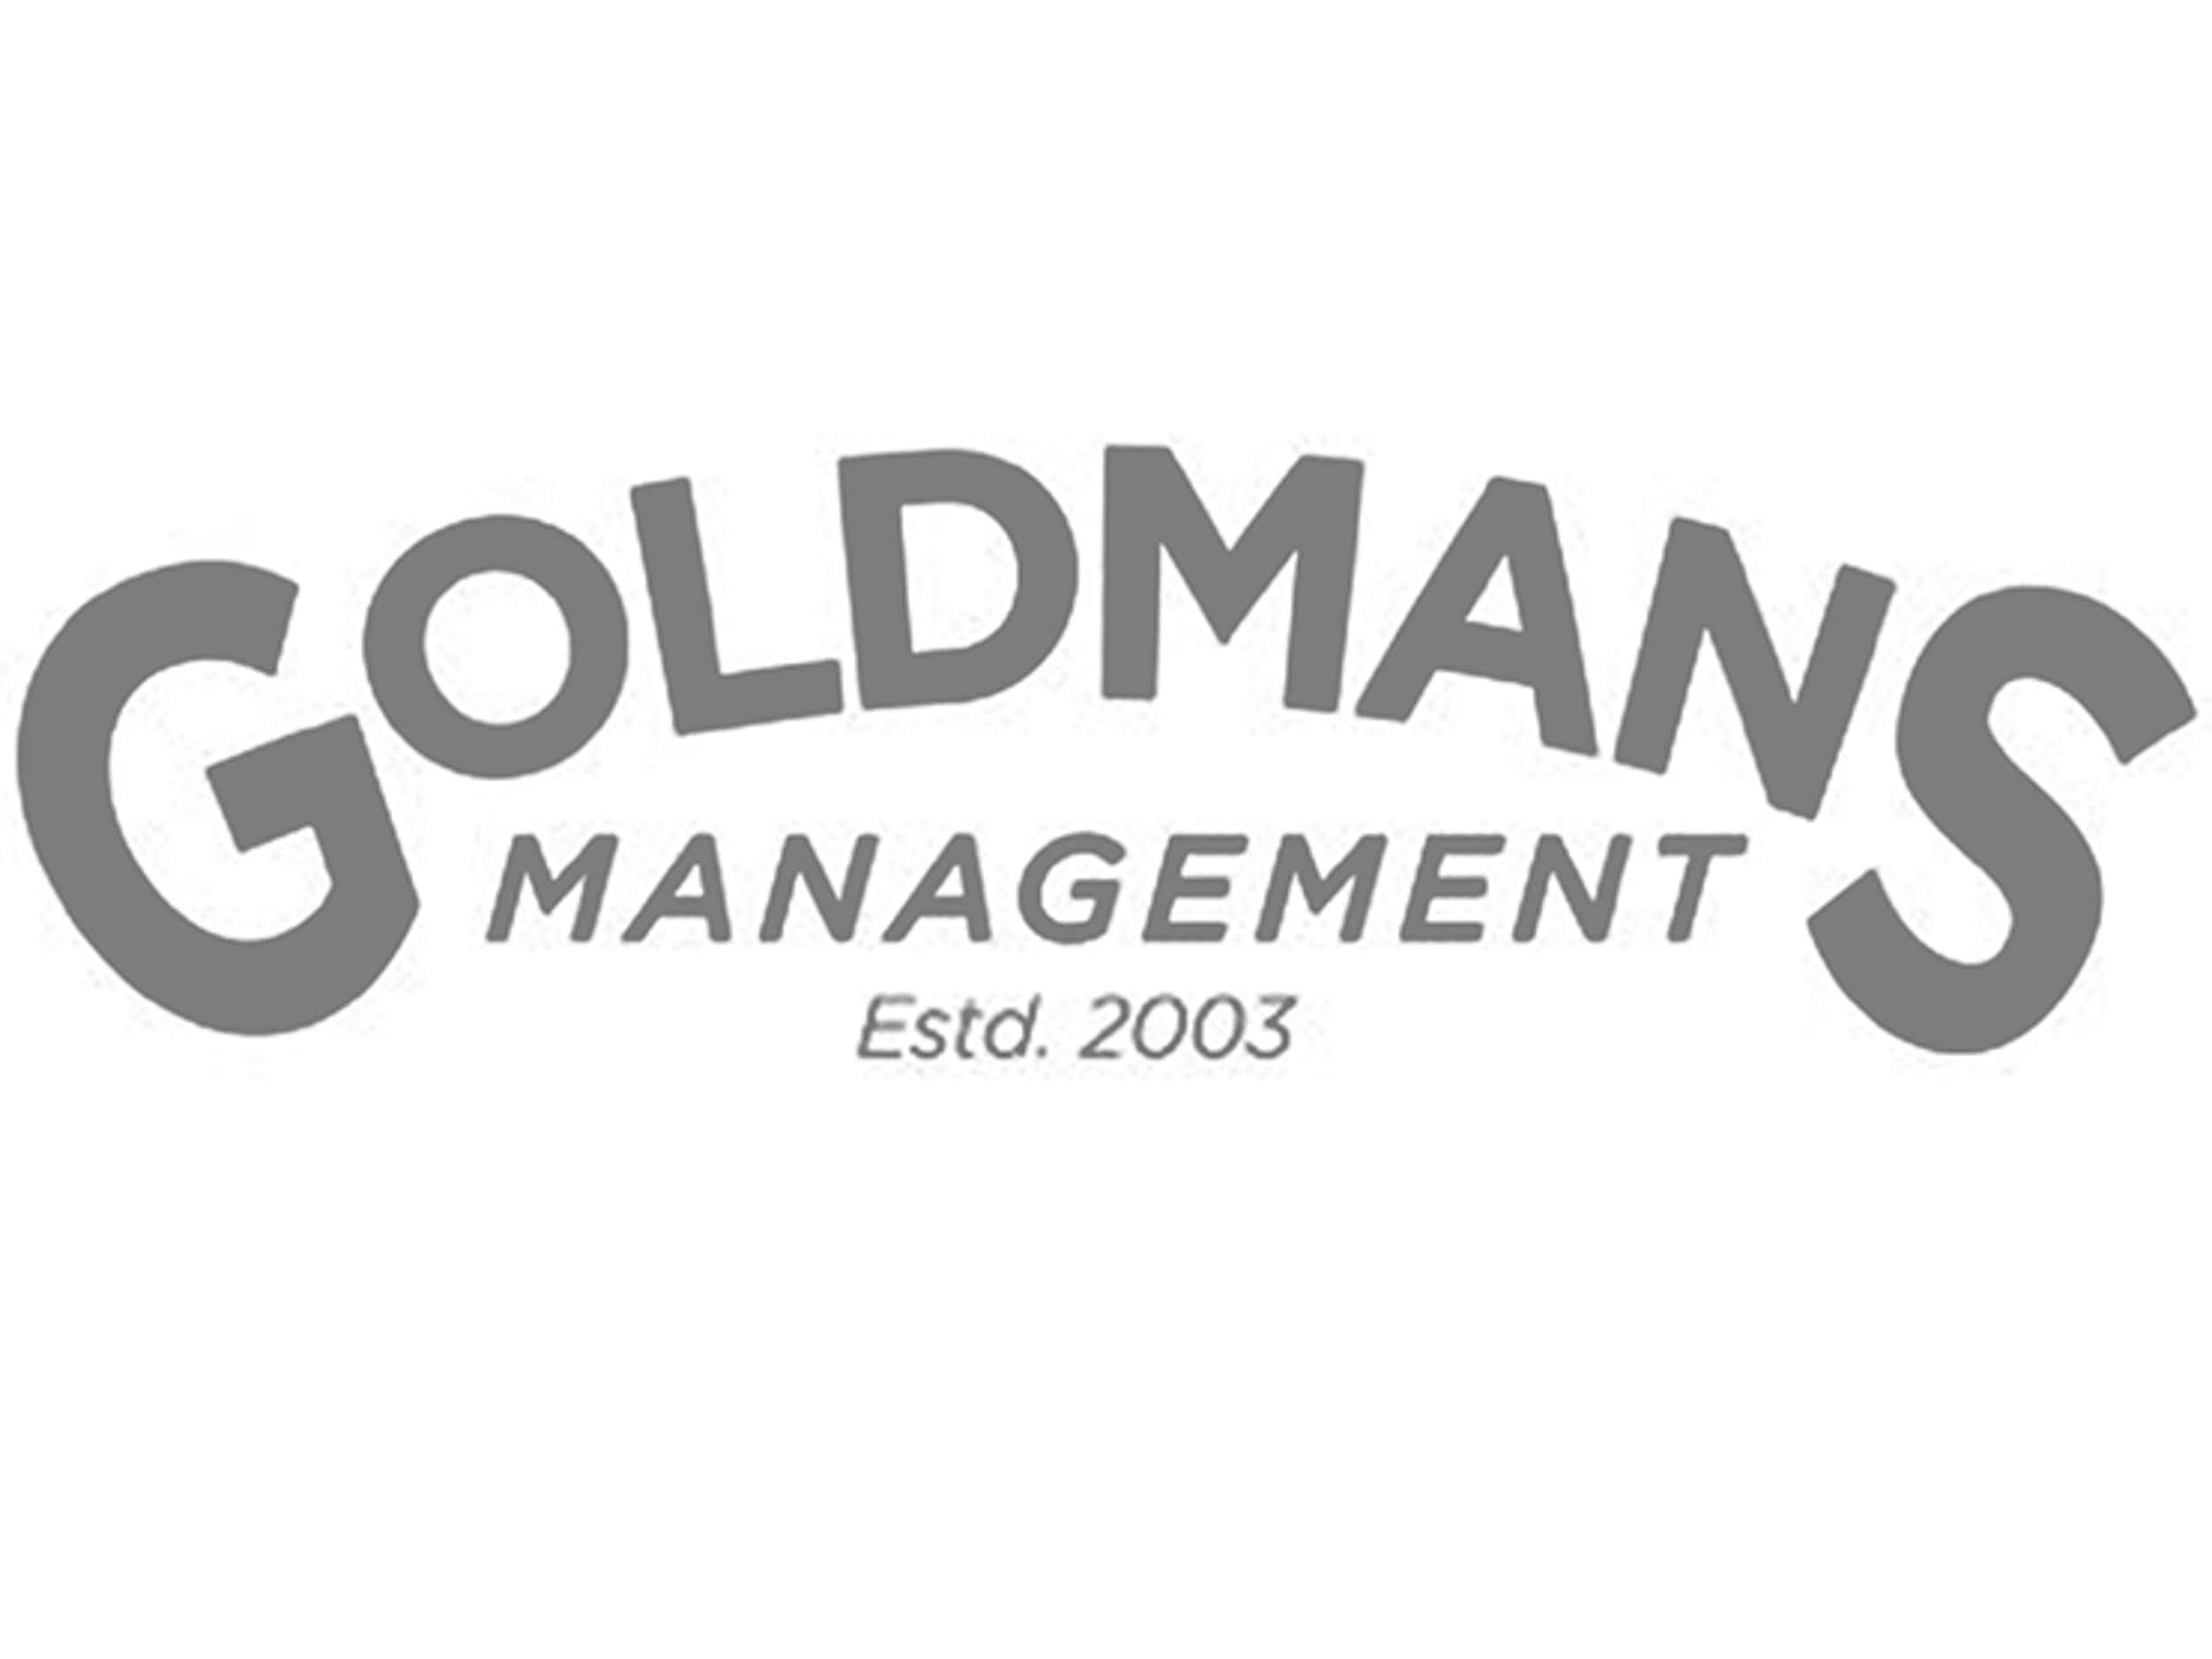 goldmans-management-logo.jpg